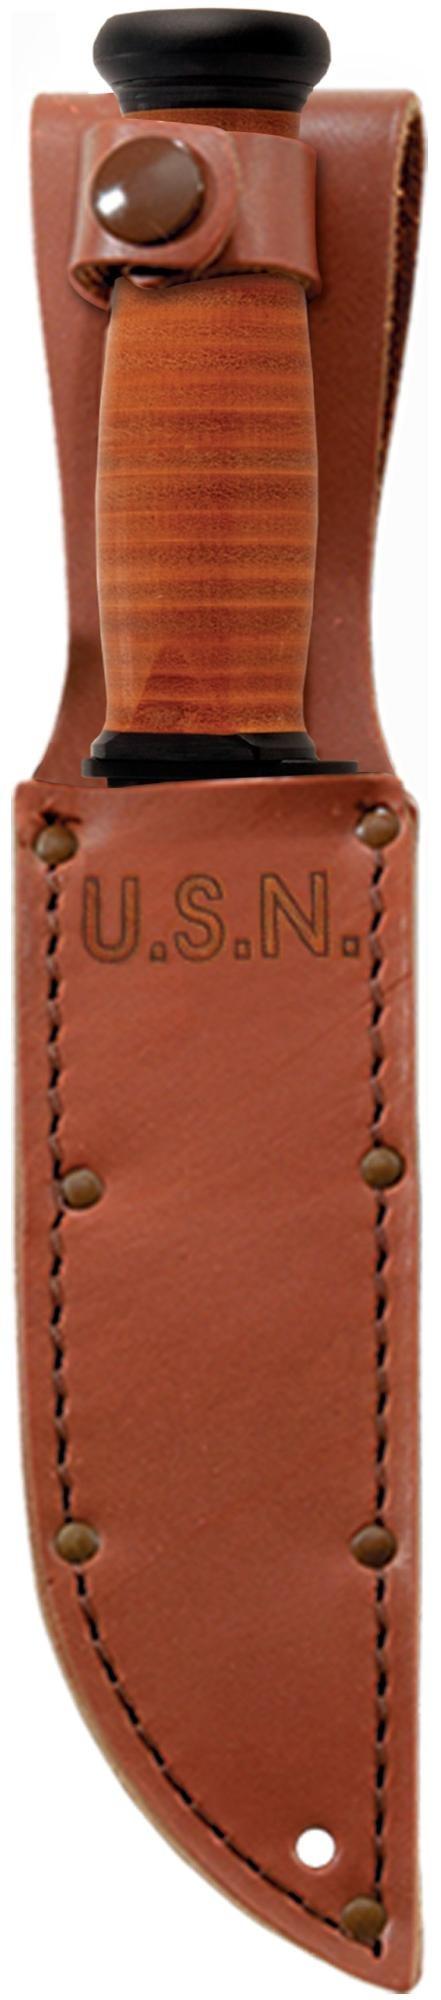 KA-BAR® Mark I with Leather Sheath (2225)